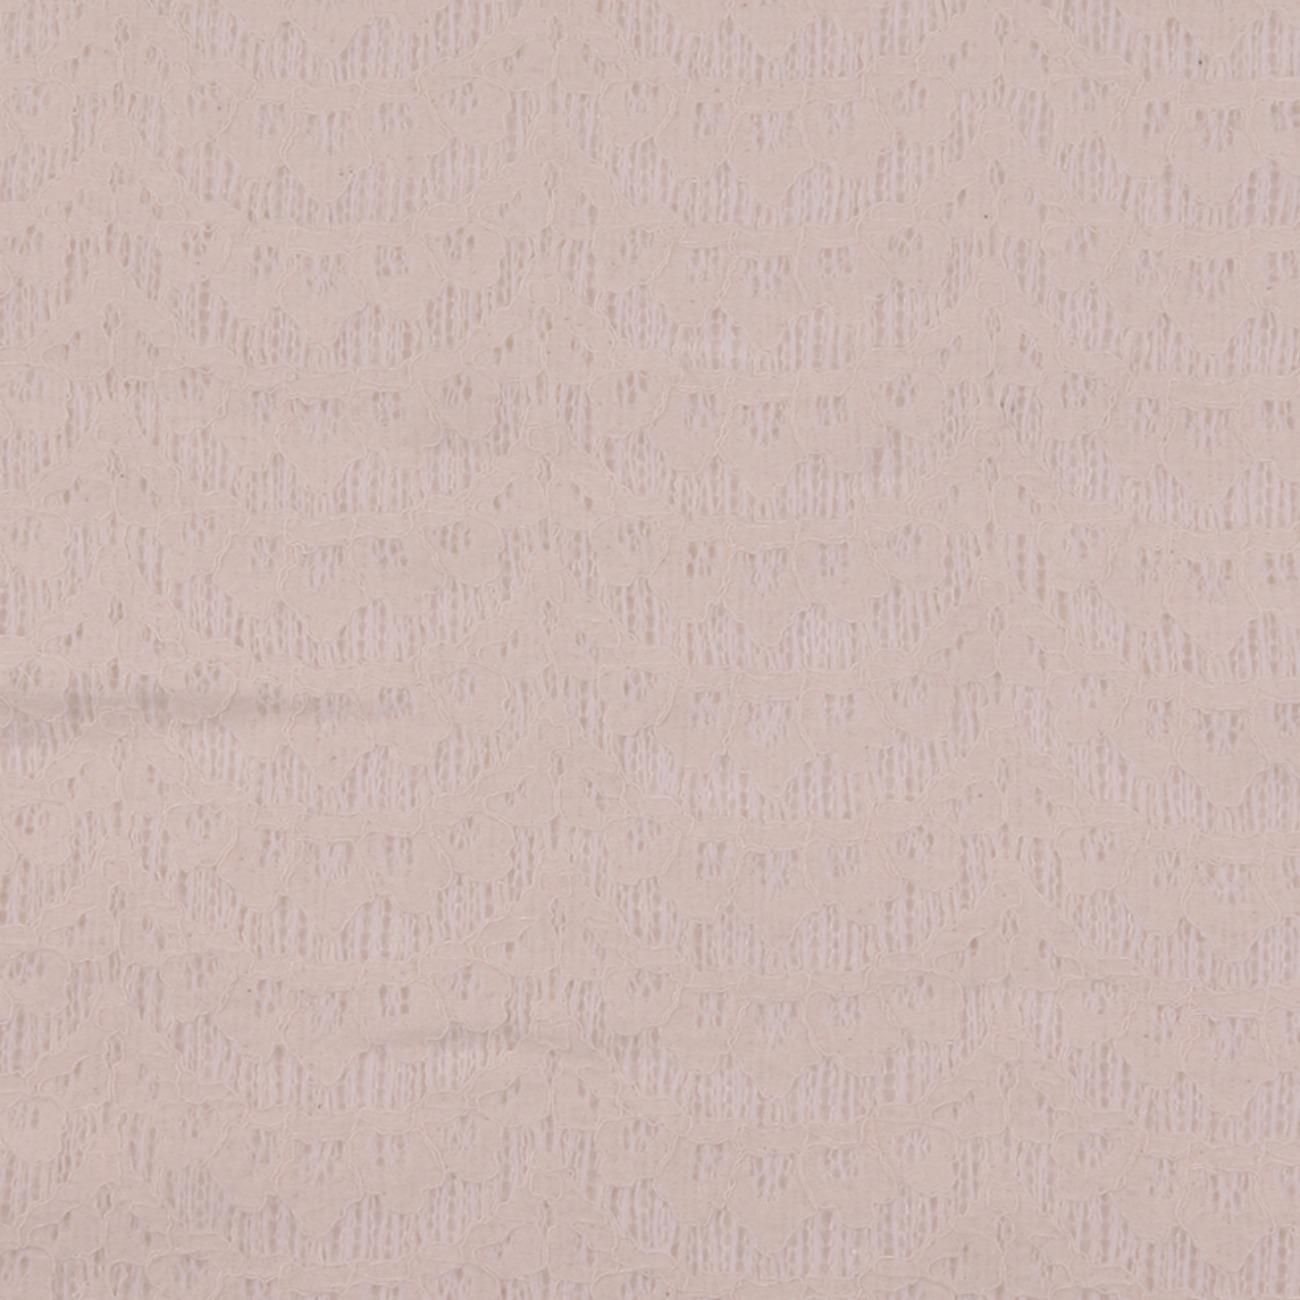 期货  蕾丝 针织 低弹 染色 连衣裙 短裙 套装 女装 春秋 61212-49